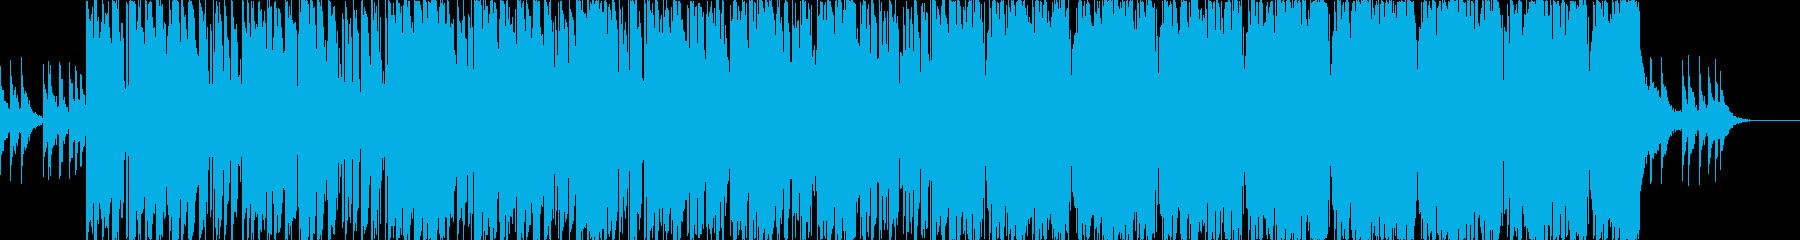 アジアン/怪しげ/暗め/ビート感/中東の再生済みの波形